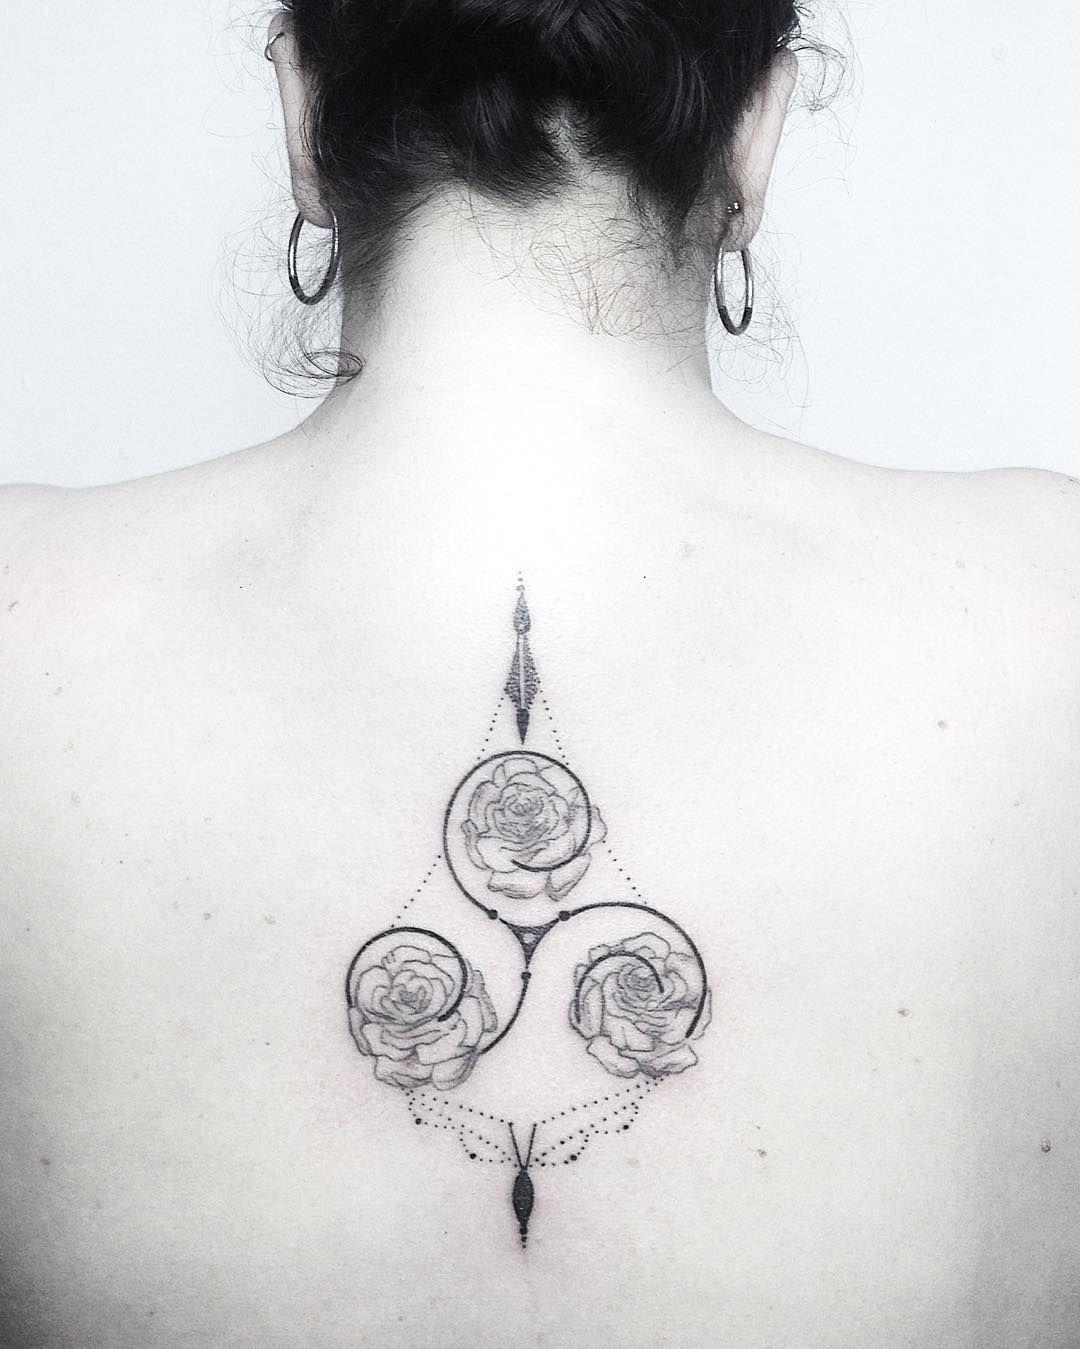 Triskel Tattoo By Pati San Martin Tatuagem Tatuagens Tatoo